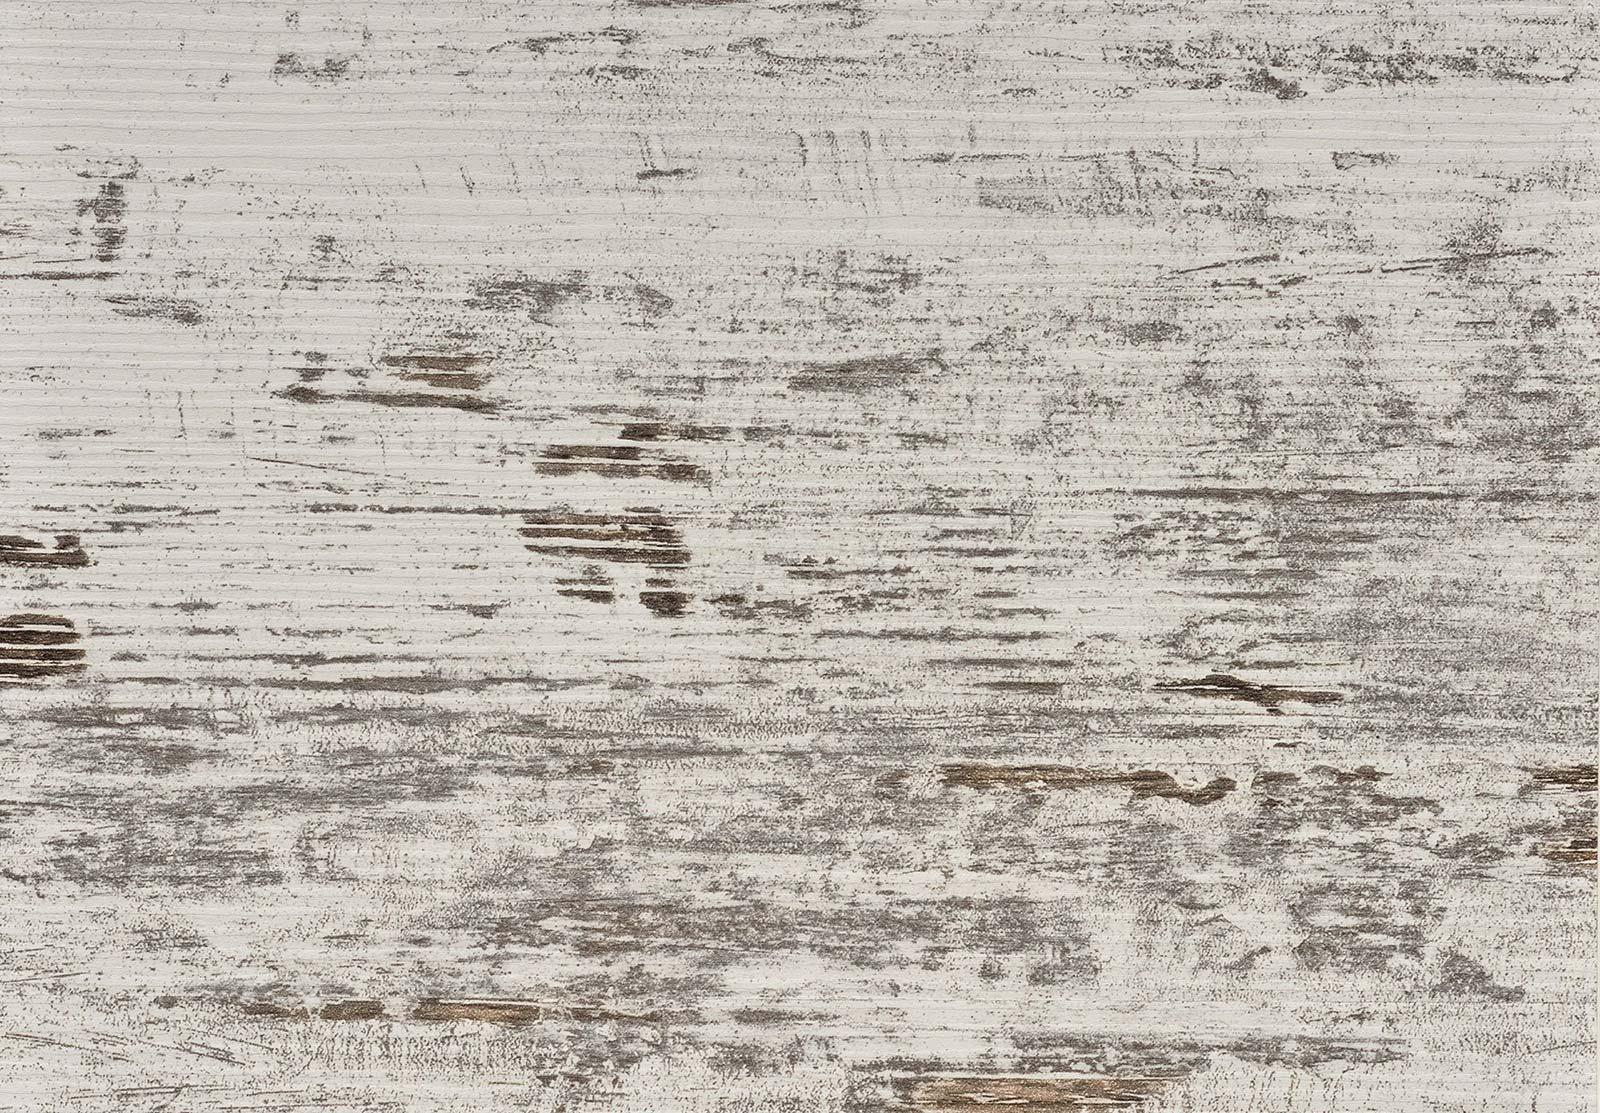 Pannelli alfawood - Old Wood 8802